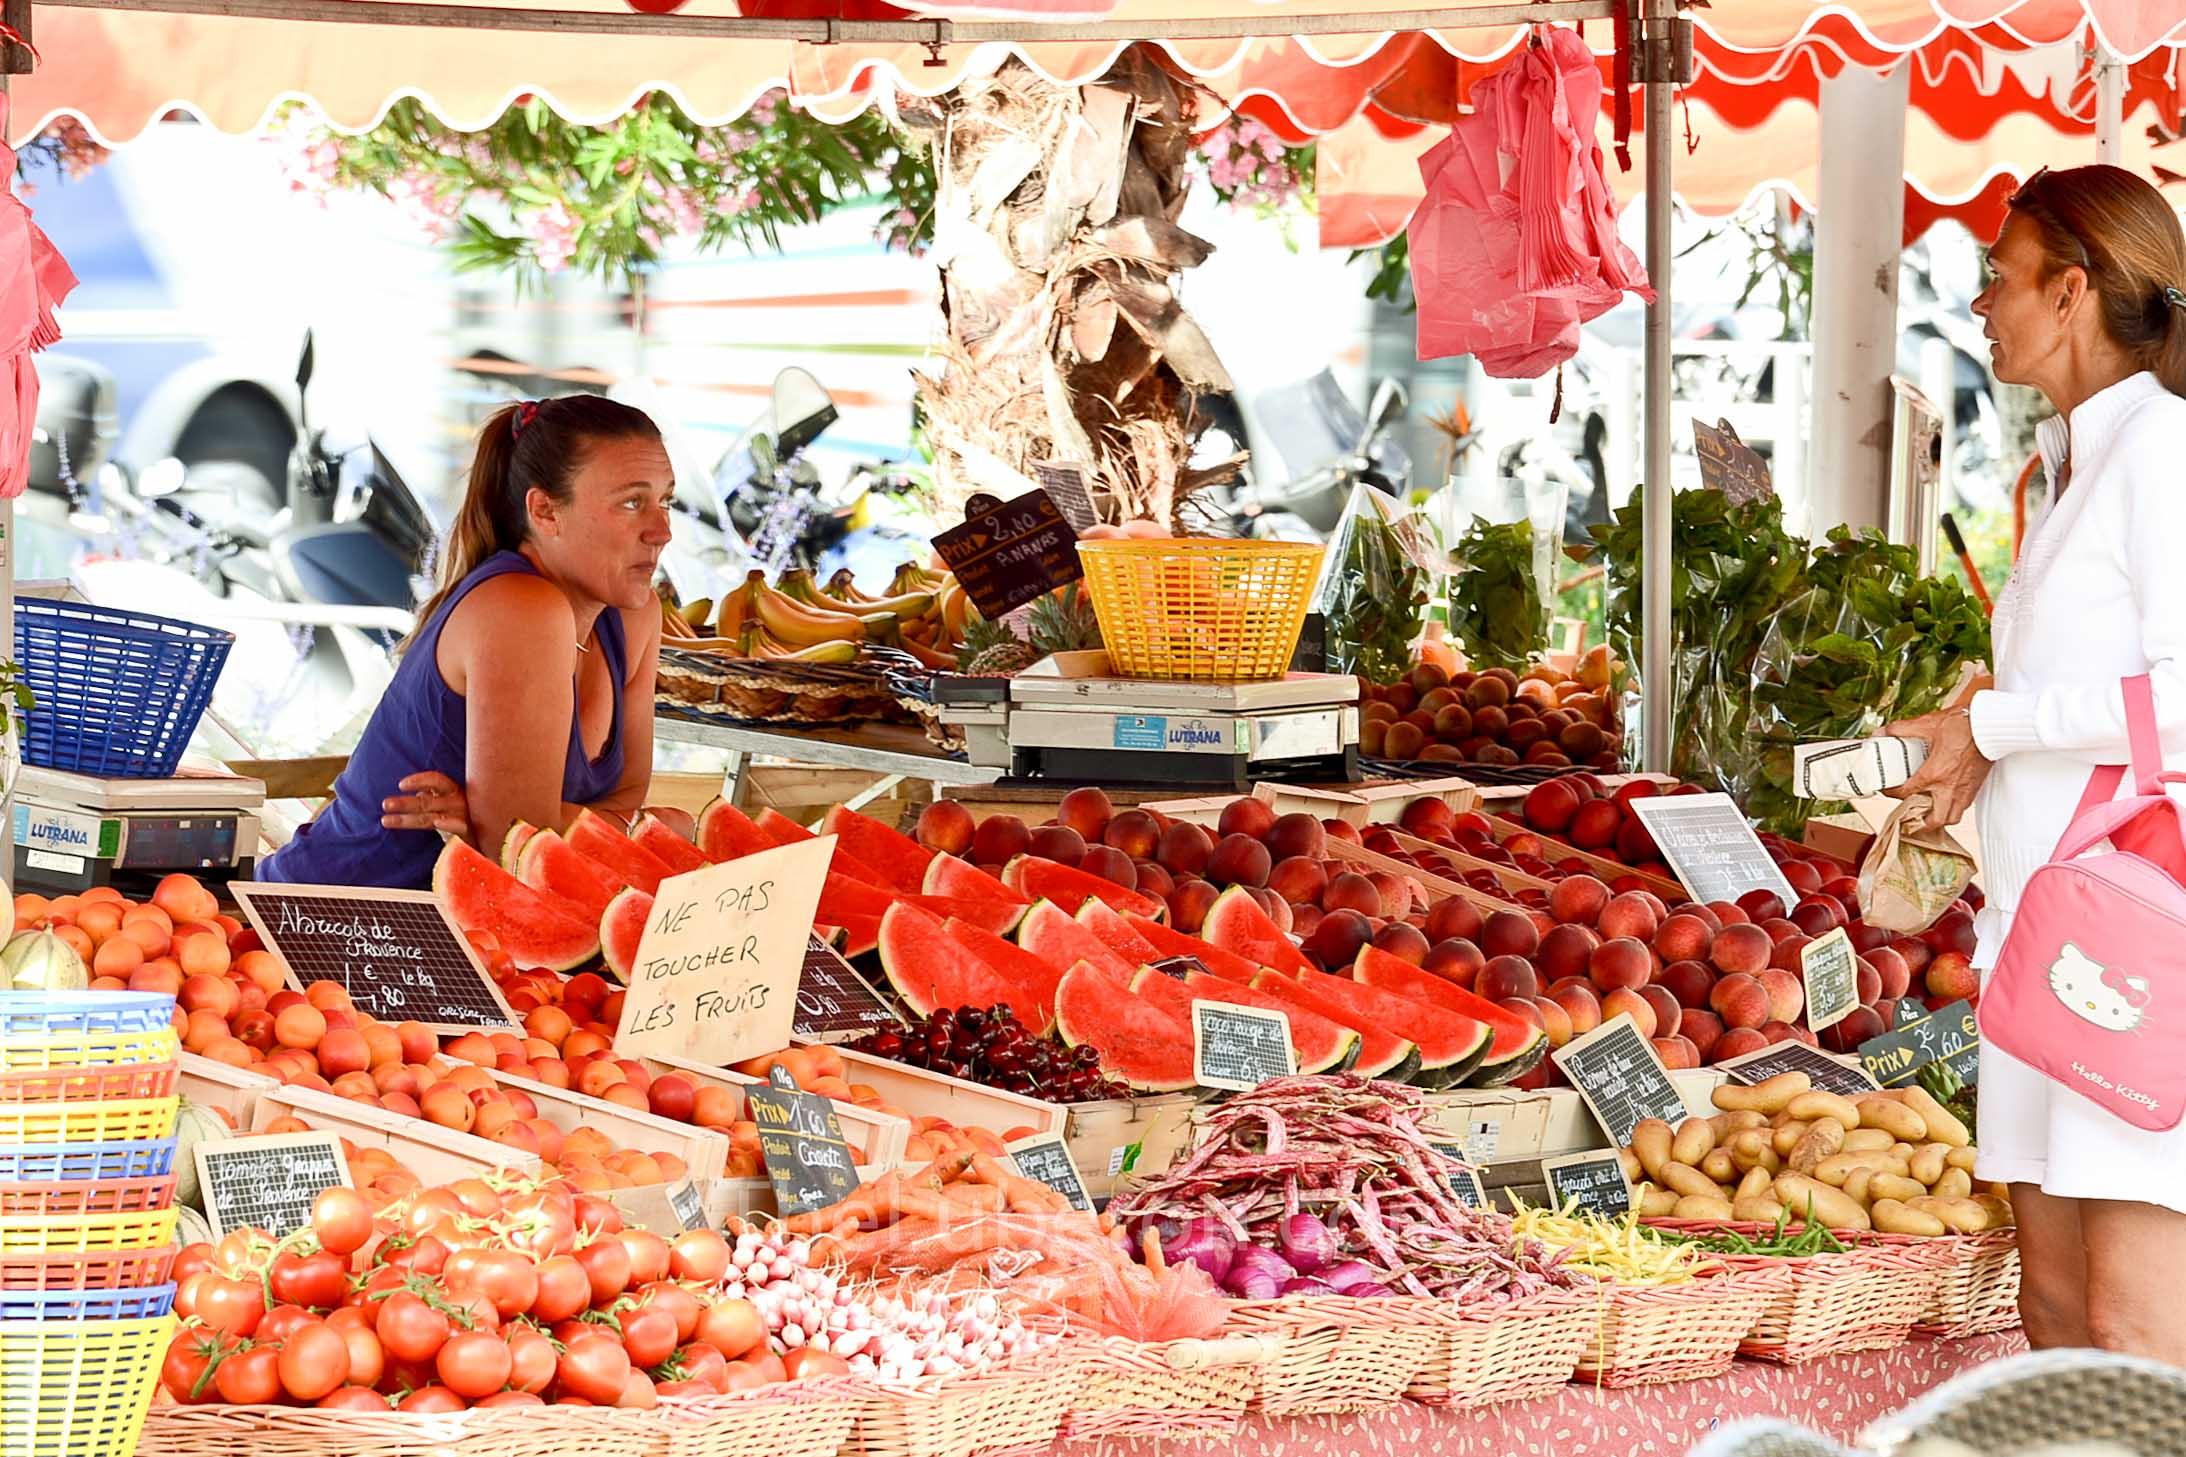 Market stall at Bandol